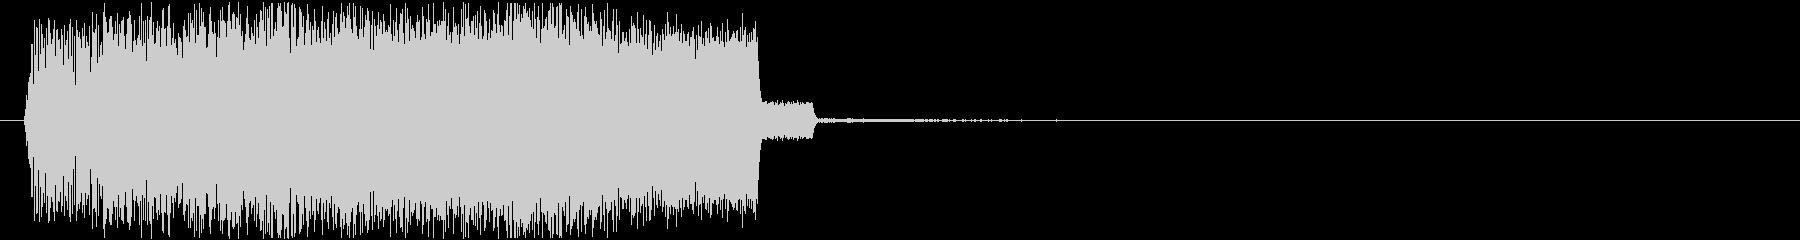 ぐーん!と上がるメーター上昇音1の未再生の波形